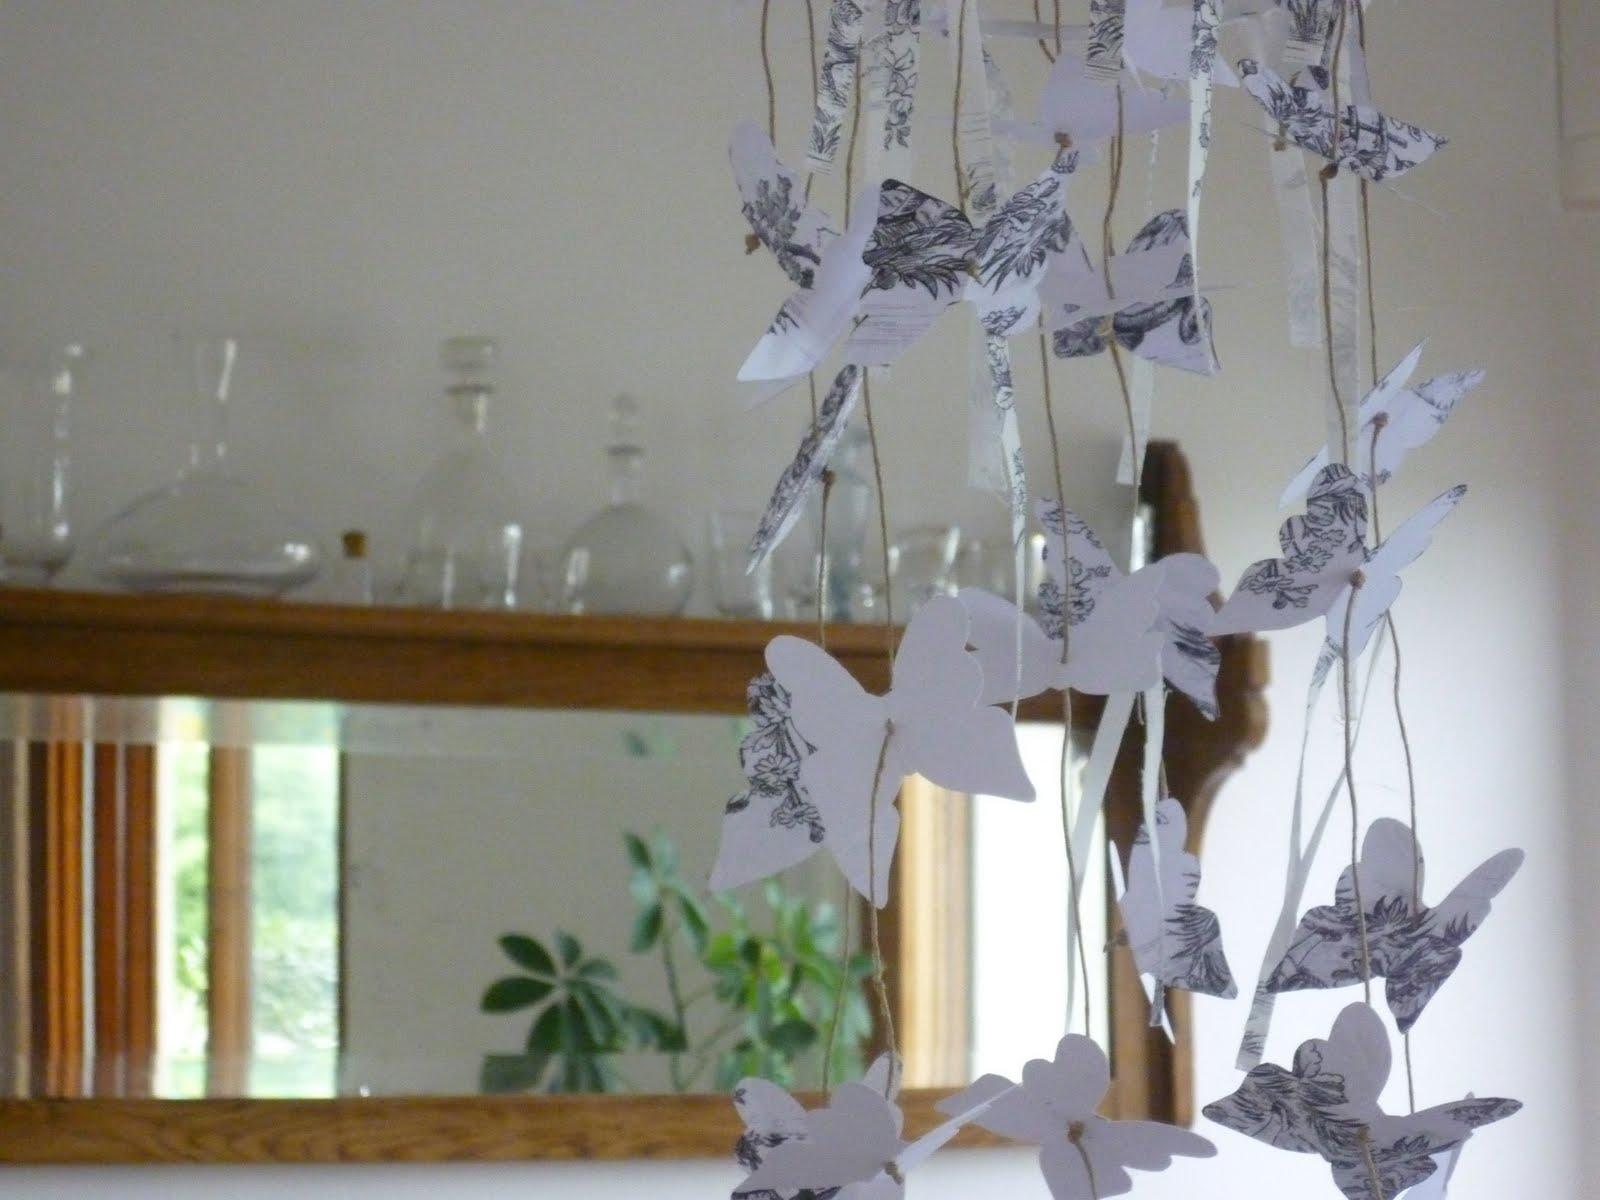 Carta Da Parati Classica Toile Primavera: Le Bianche Margherite: Butterflies... And Toile De Jouy